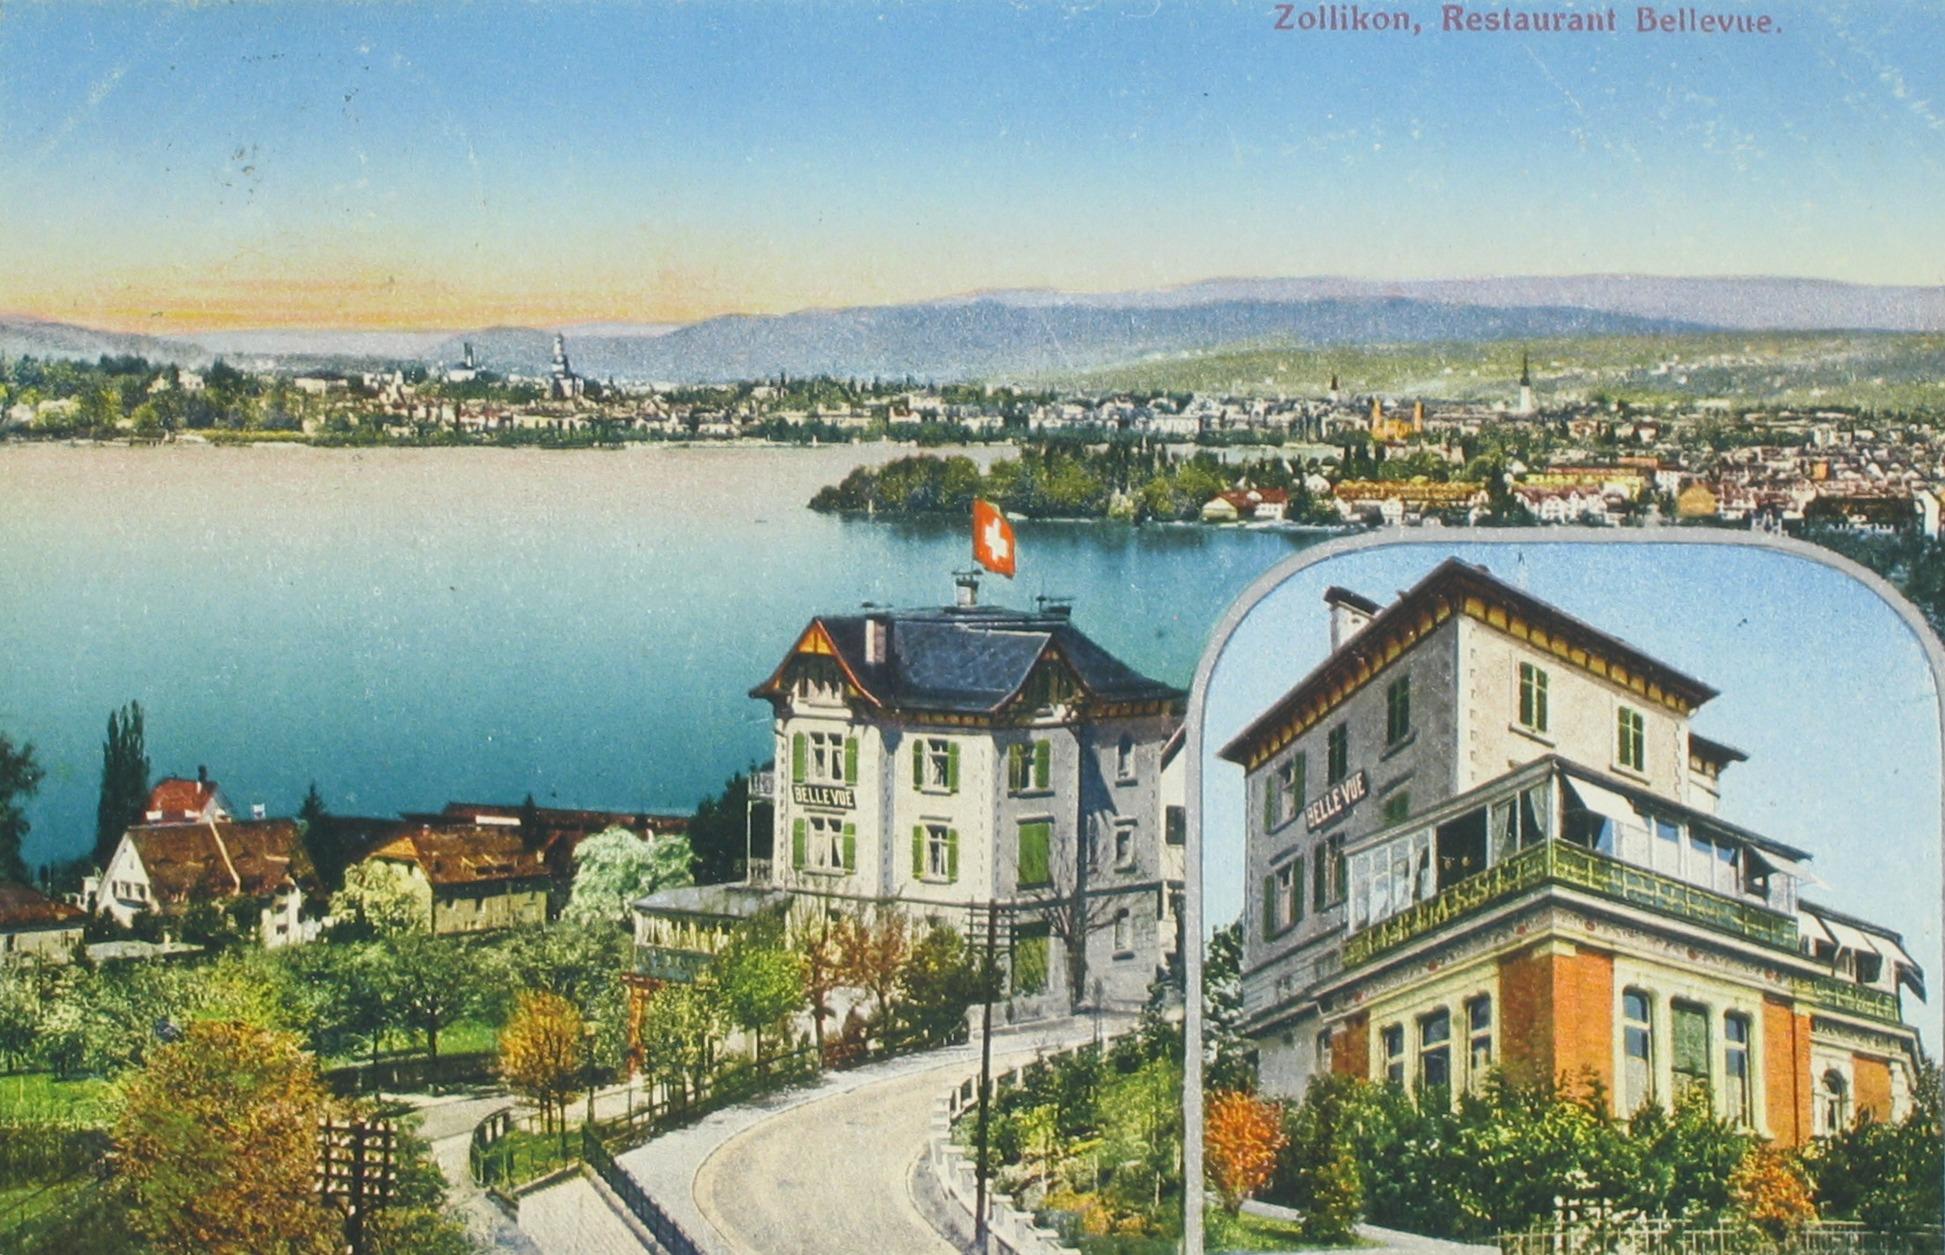 Hotel Restaurant Bellevue Von Hertling Stra Ef Bf Bde  A  Ruhpolding Deutschland